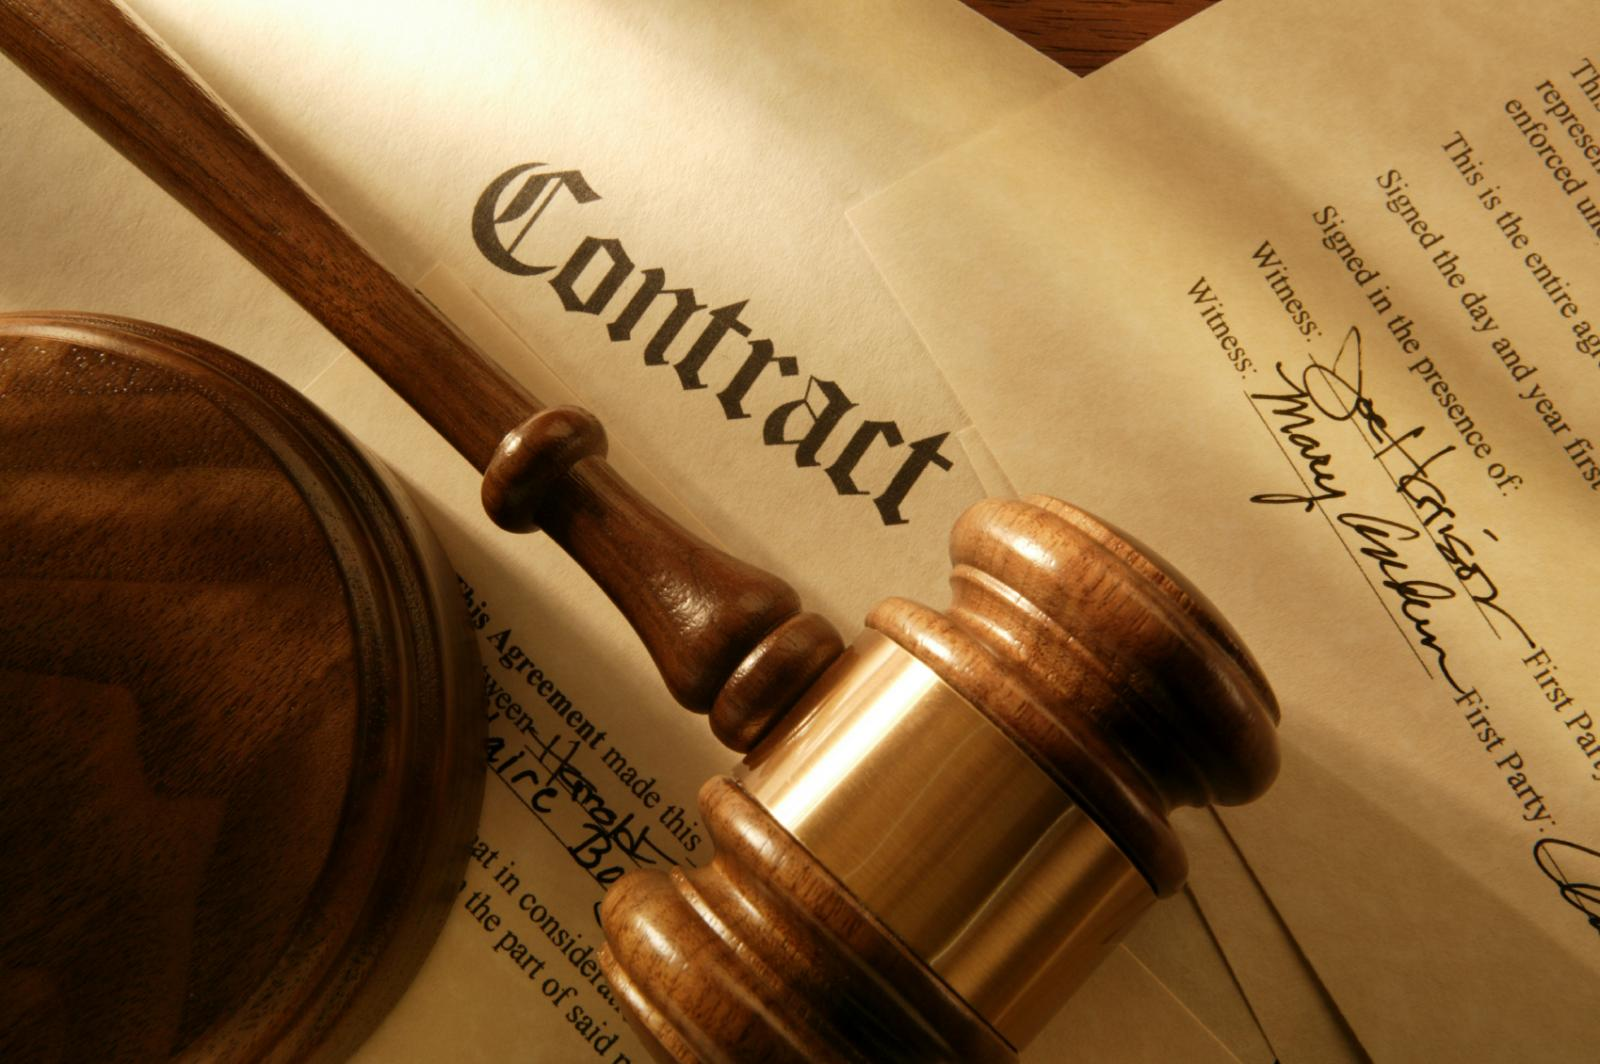 Claims Act Scam: Bechtel National Inc., Bechtel Corp., URS Corp ...